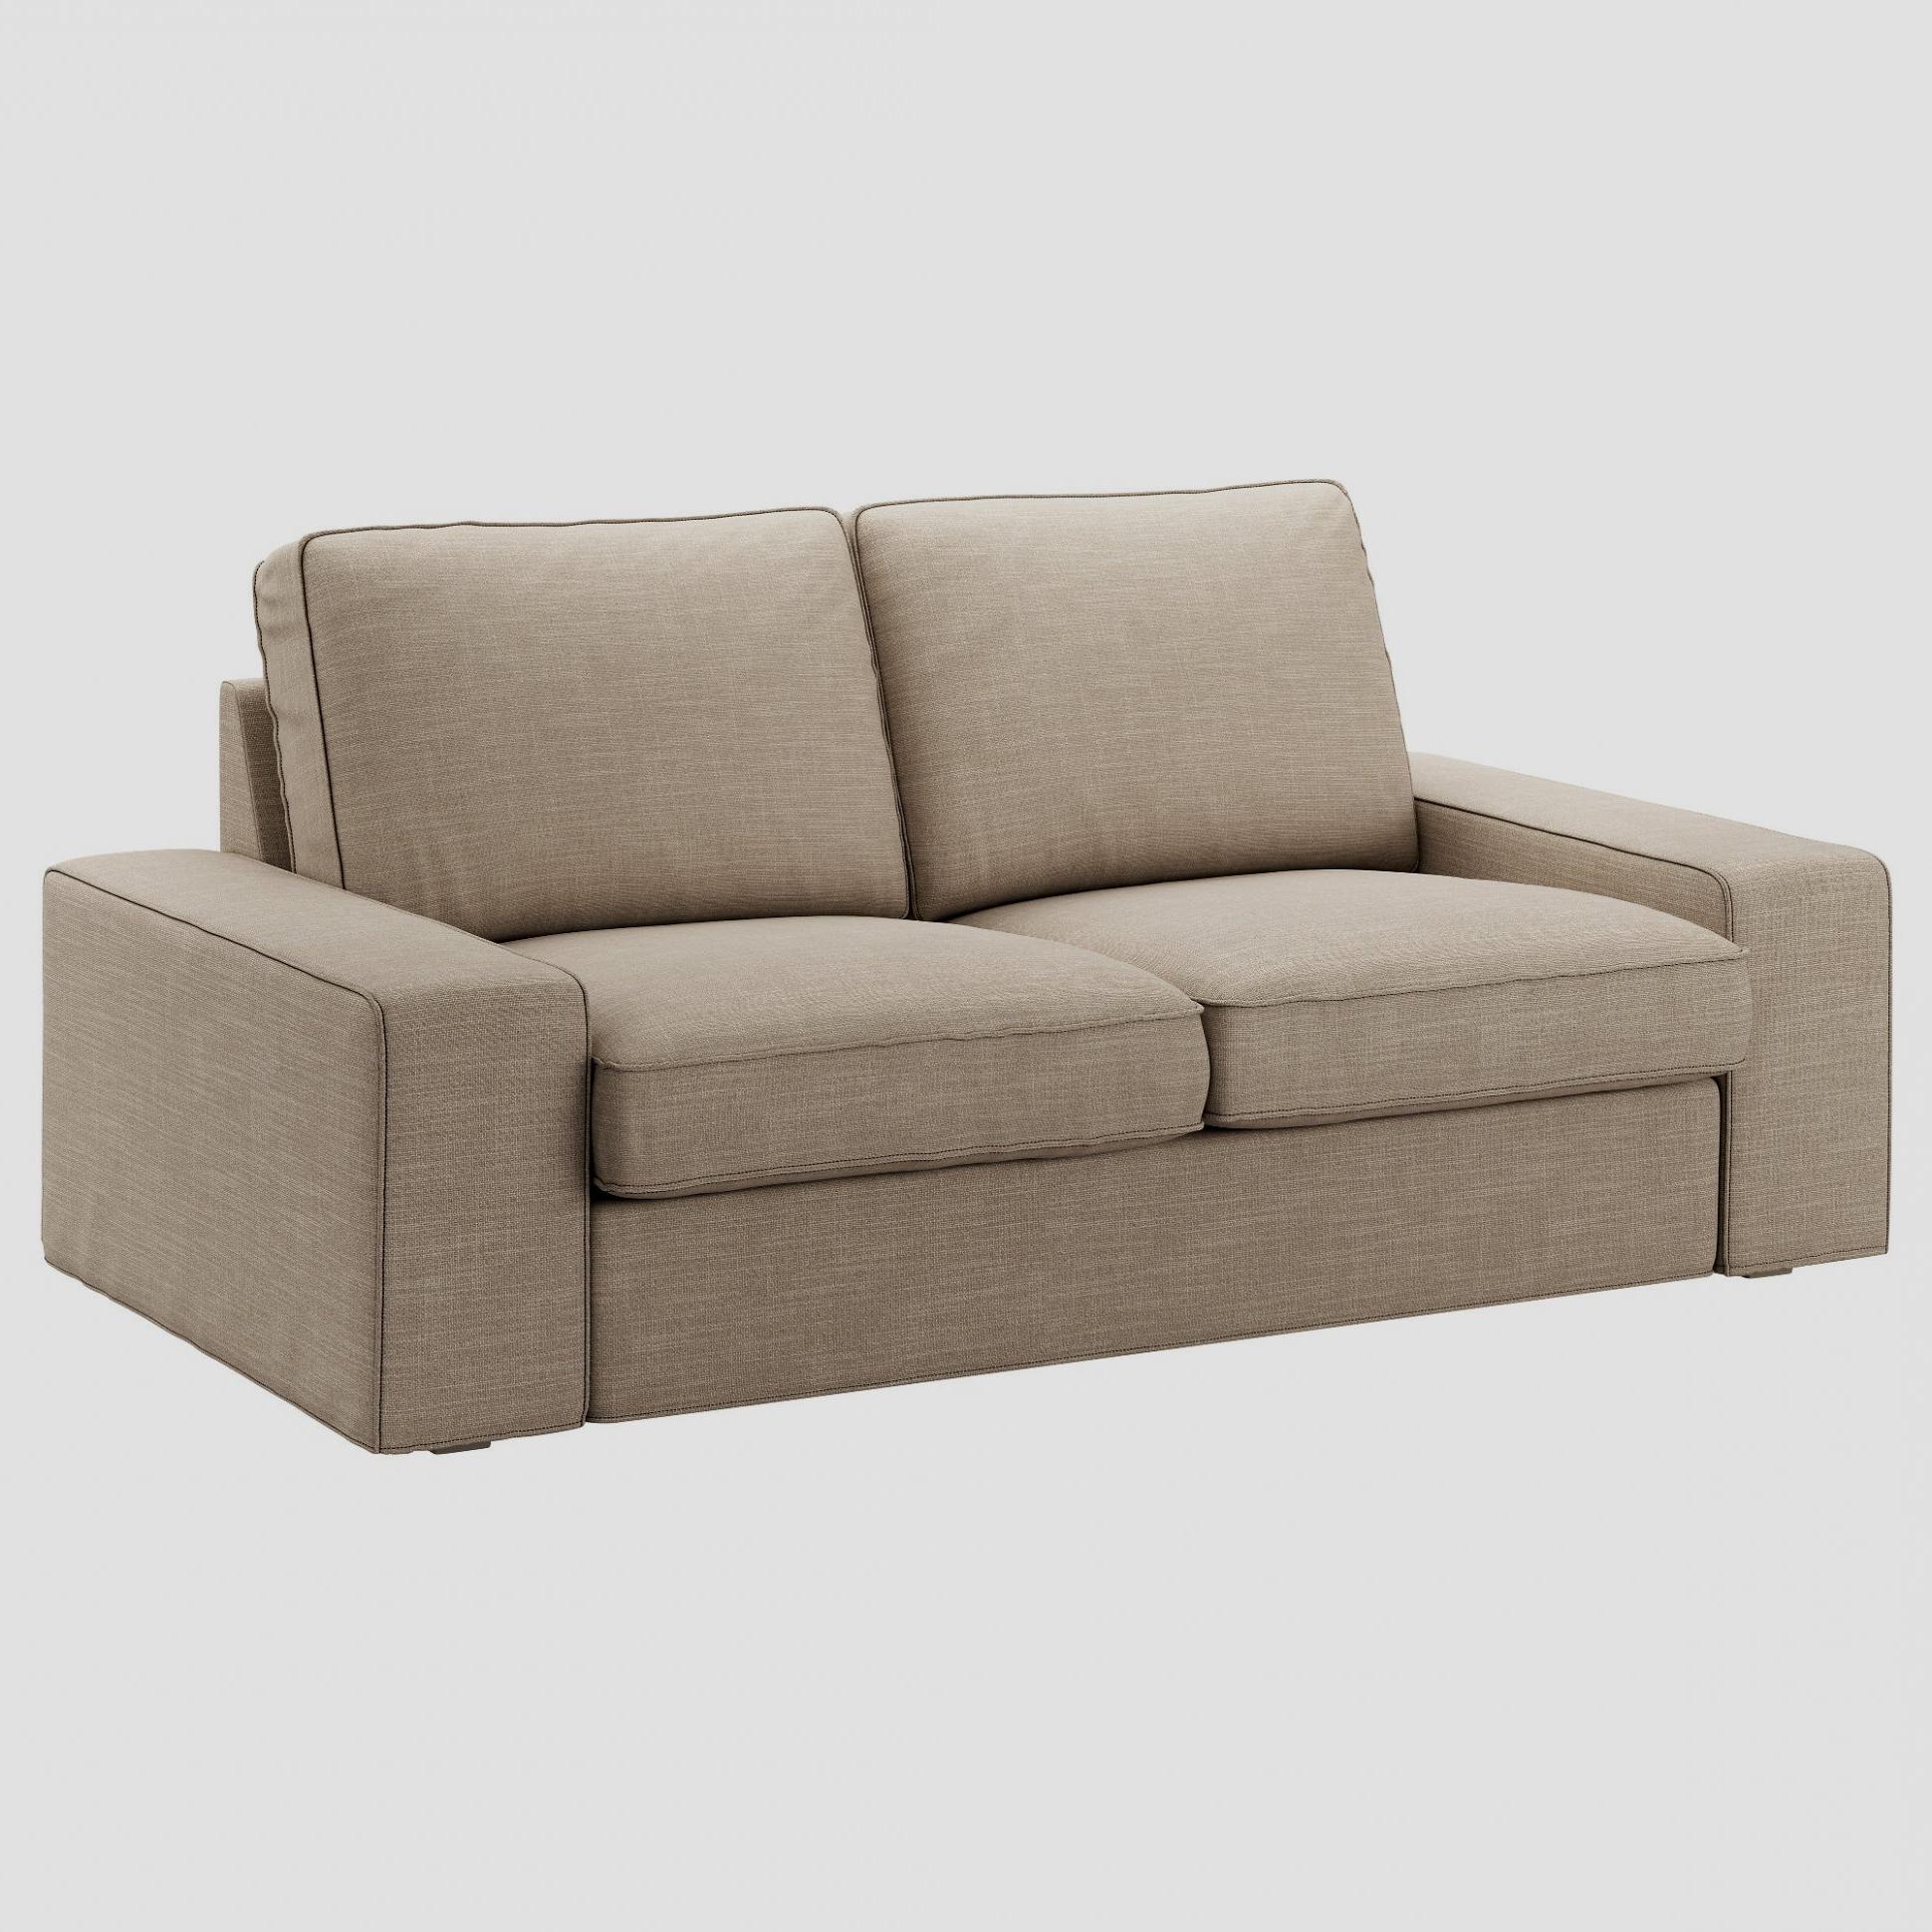 Dicoro sofas Xtd6 Dicoro sofas Cama Encantador ColecciN De sofà S Kivik Busco Sillas